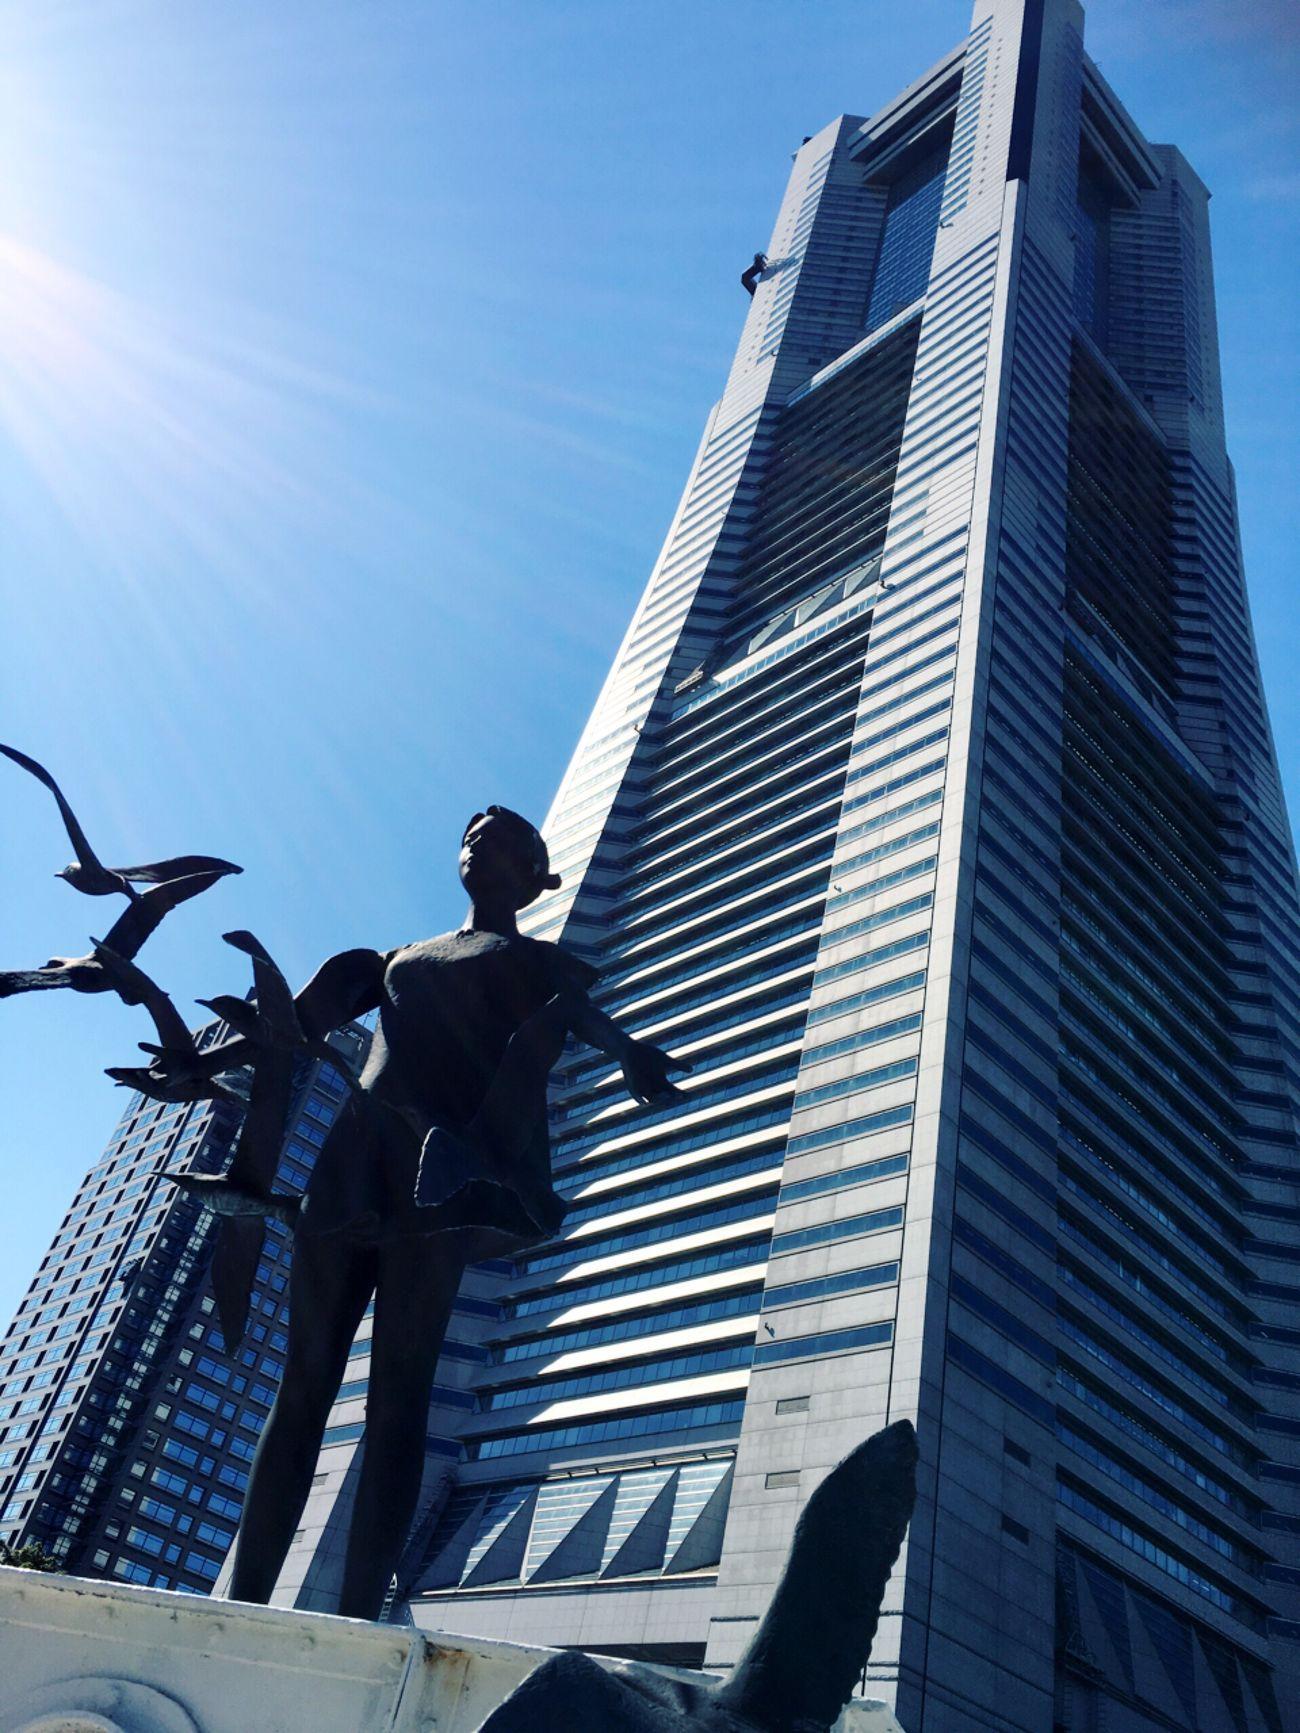 いいお天気 ご無沙汰してます のちほどゆっくりおじゃましますね! Sunny Day Landmarktower